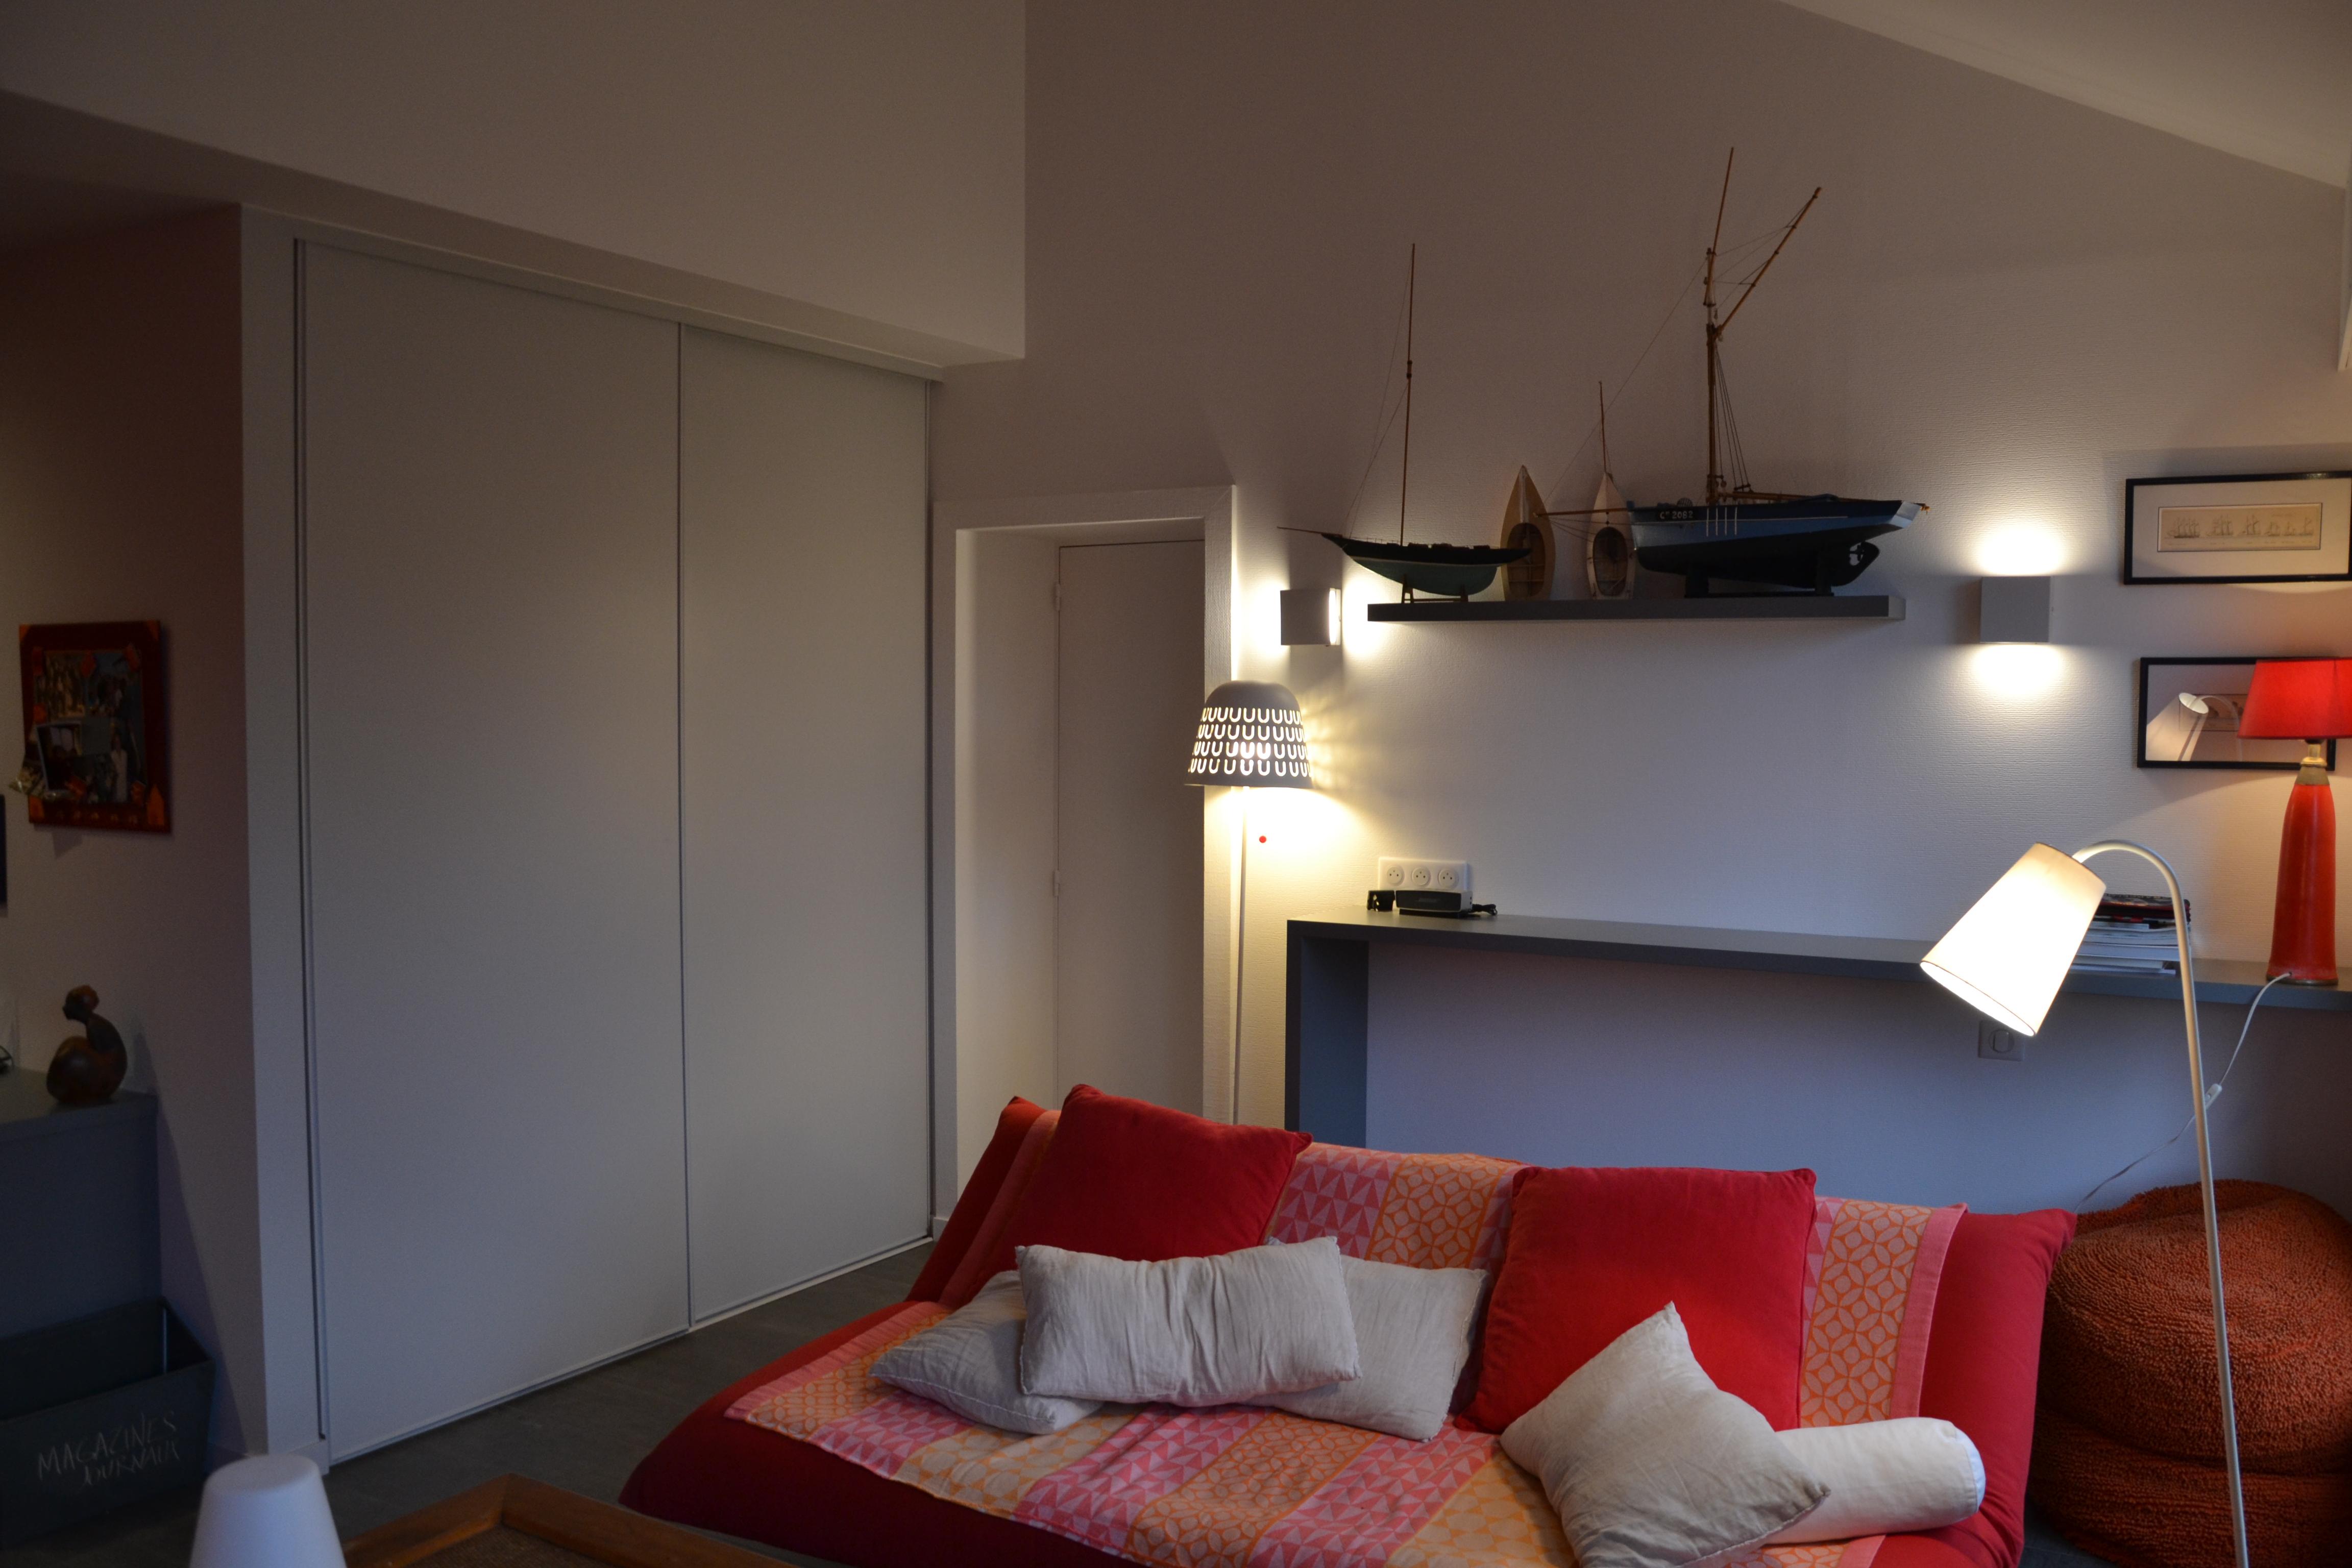 maison déco rouge et noire - 5 - geraldine fourny - decoratrice - Rezé - 44